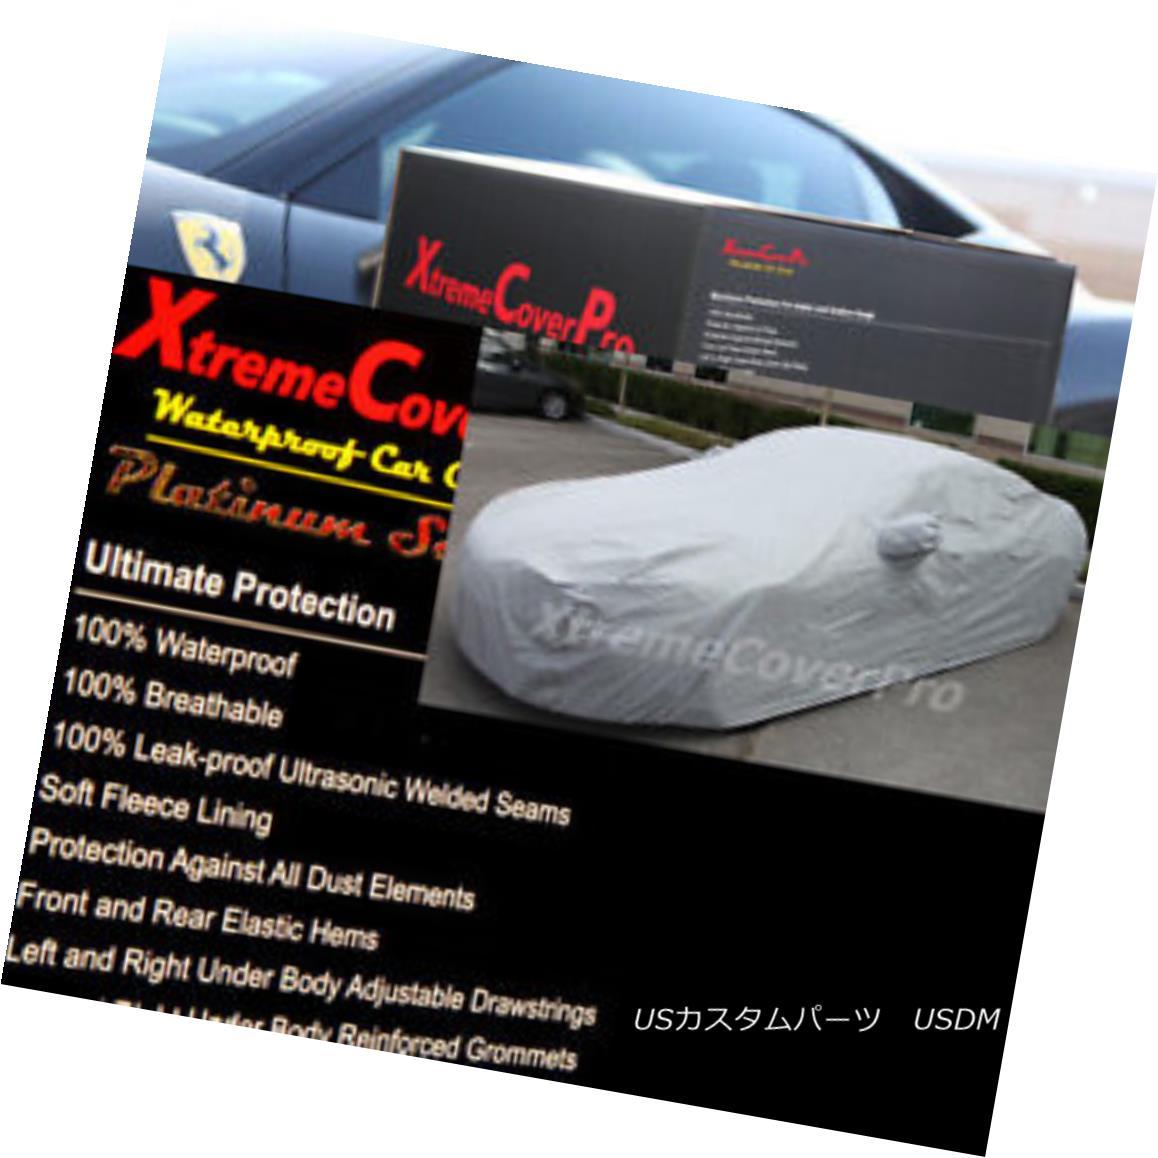 カーカバー 1993 1994 1995 Volkswagen Jetta Waterproof Car Cover w/MirrorPocket 1993 1994 1995 Volkswagen Jetta防水カーカバー付きMirrorPocket